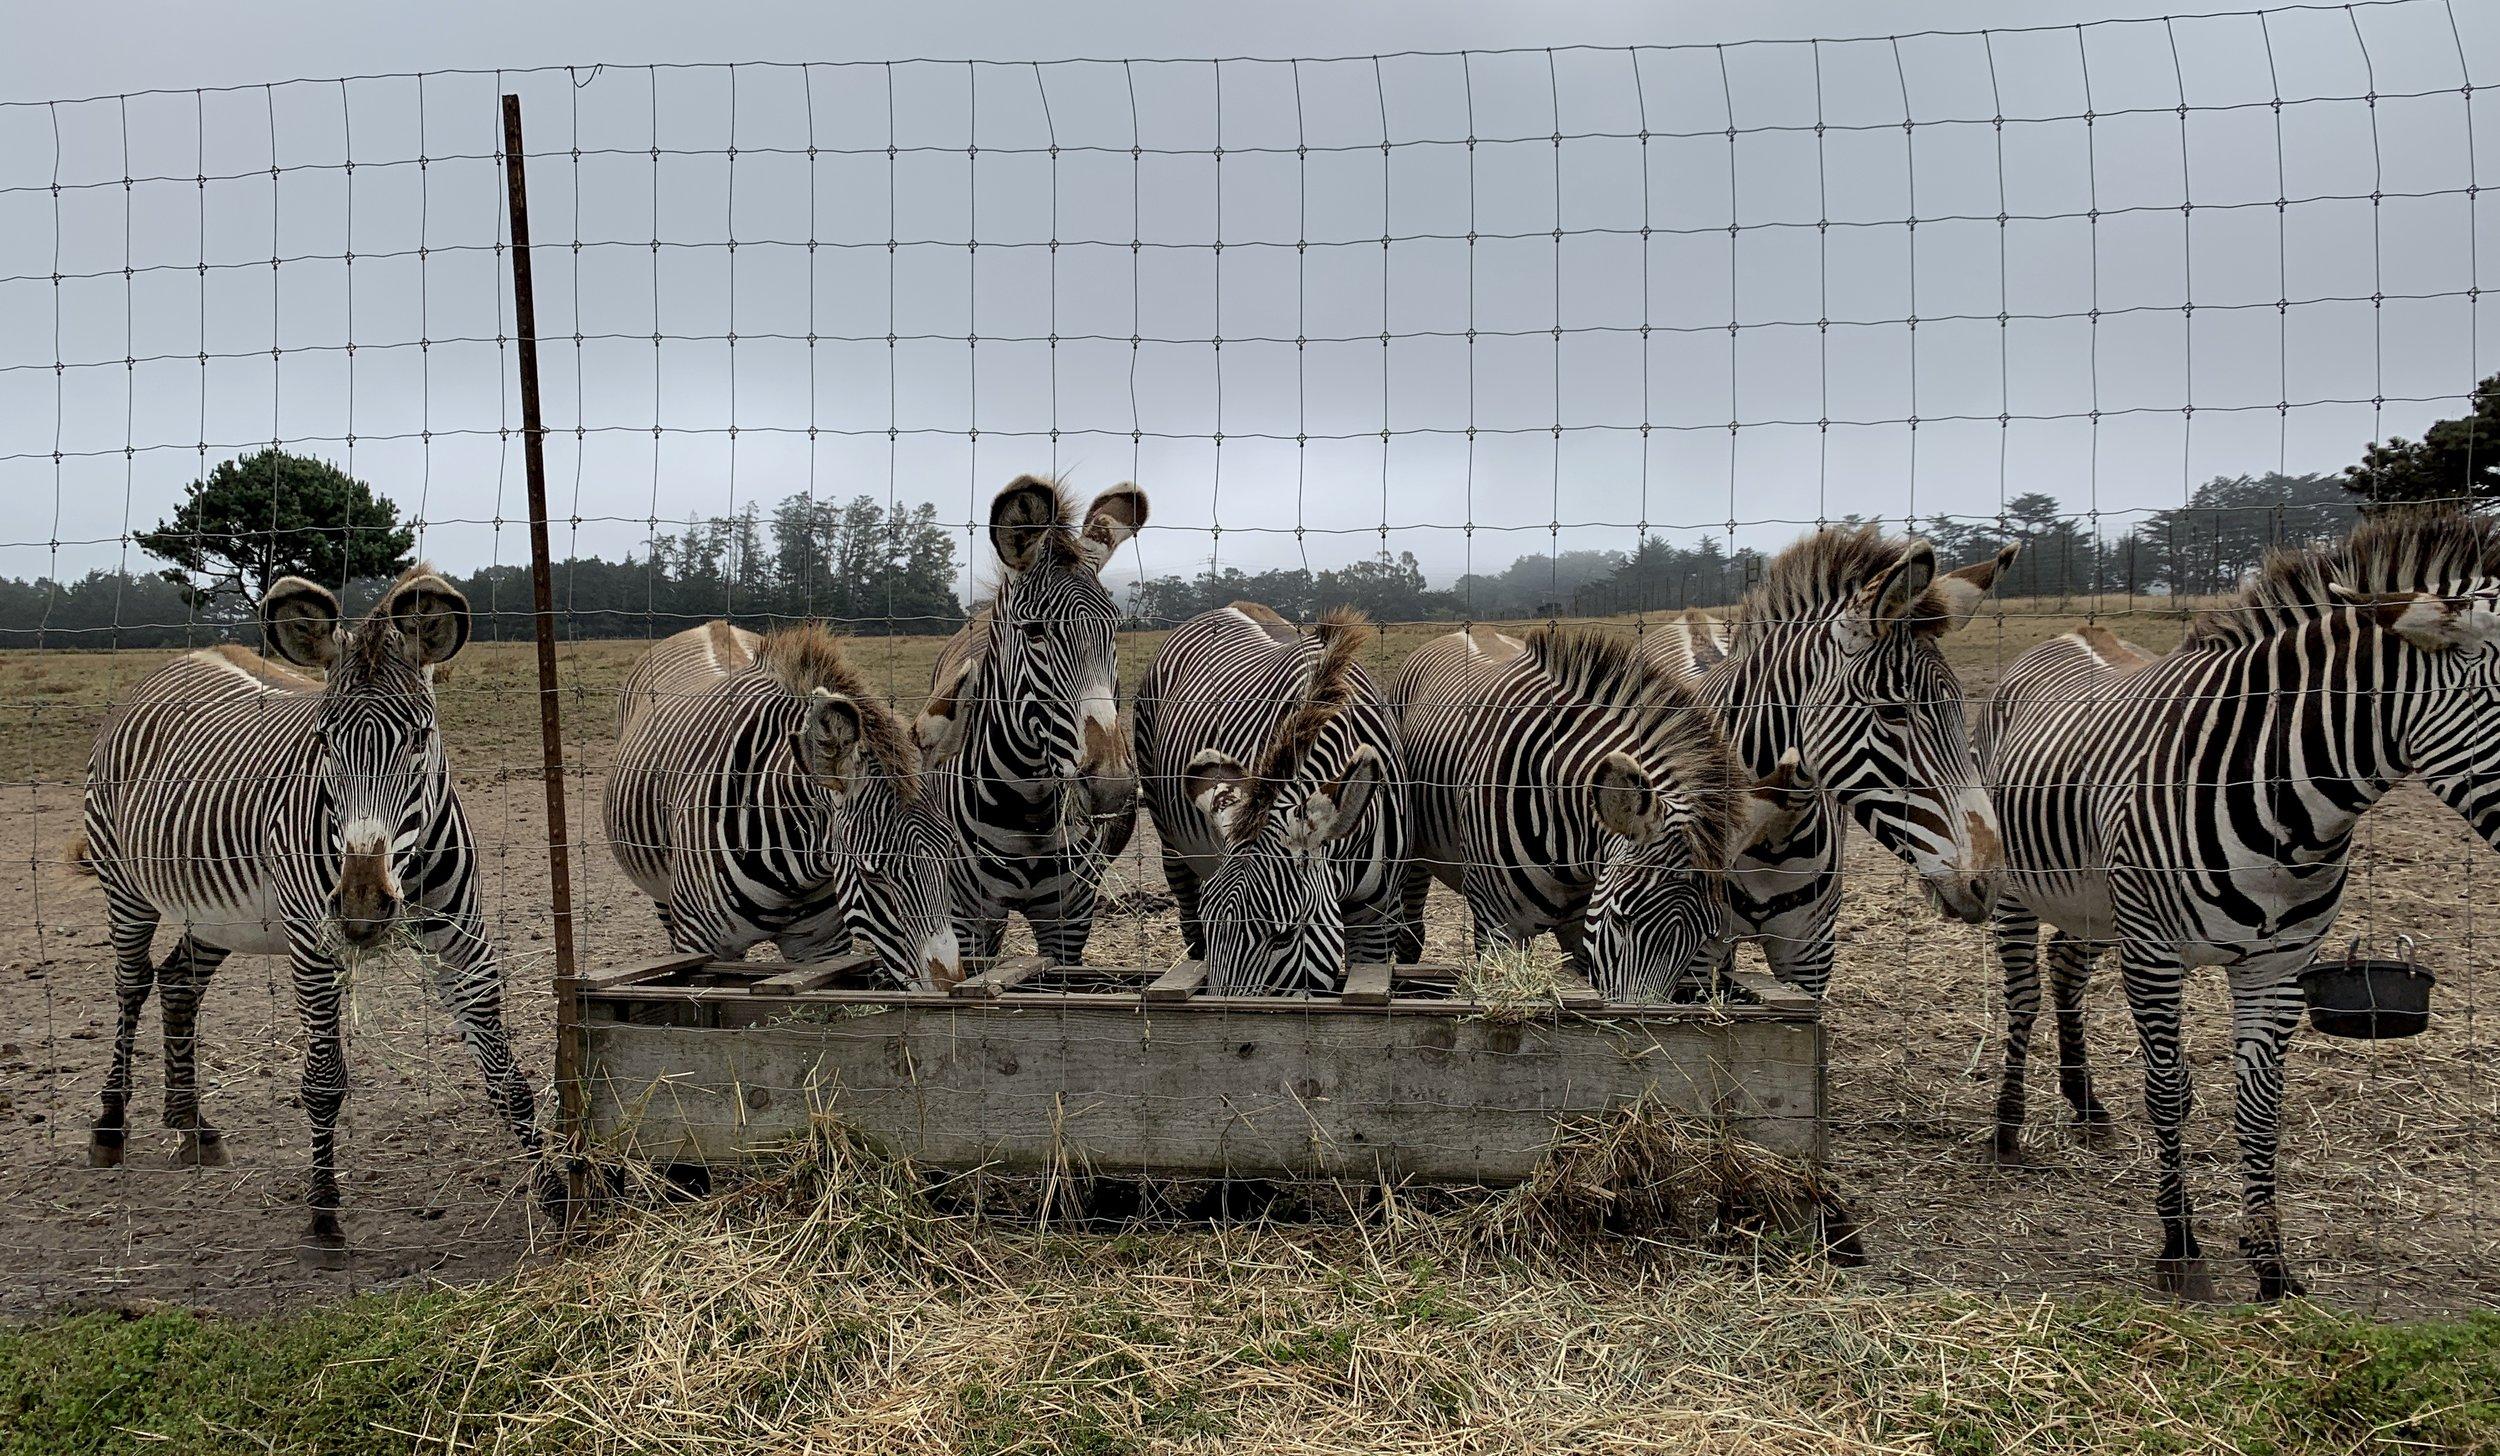 The ladies of the Grevy's herd were definitely keeping their eyes on us.